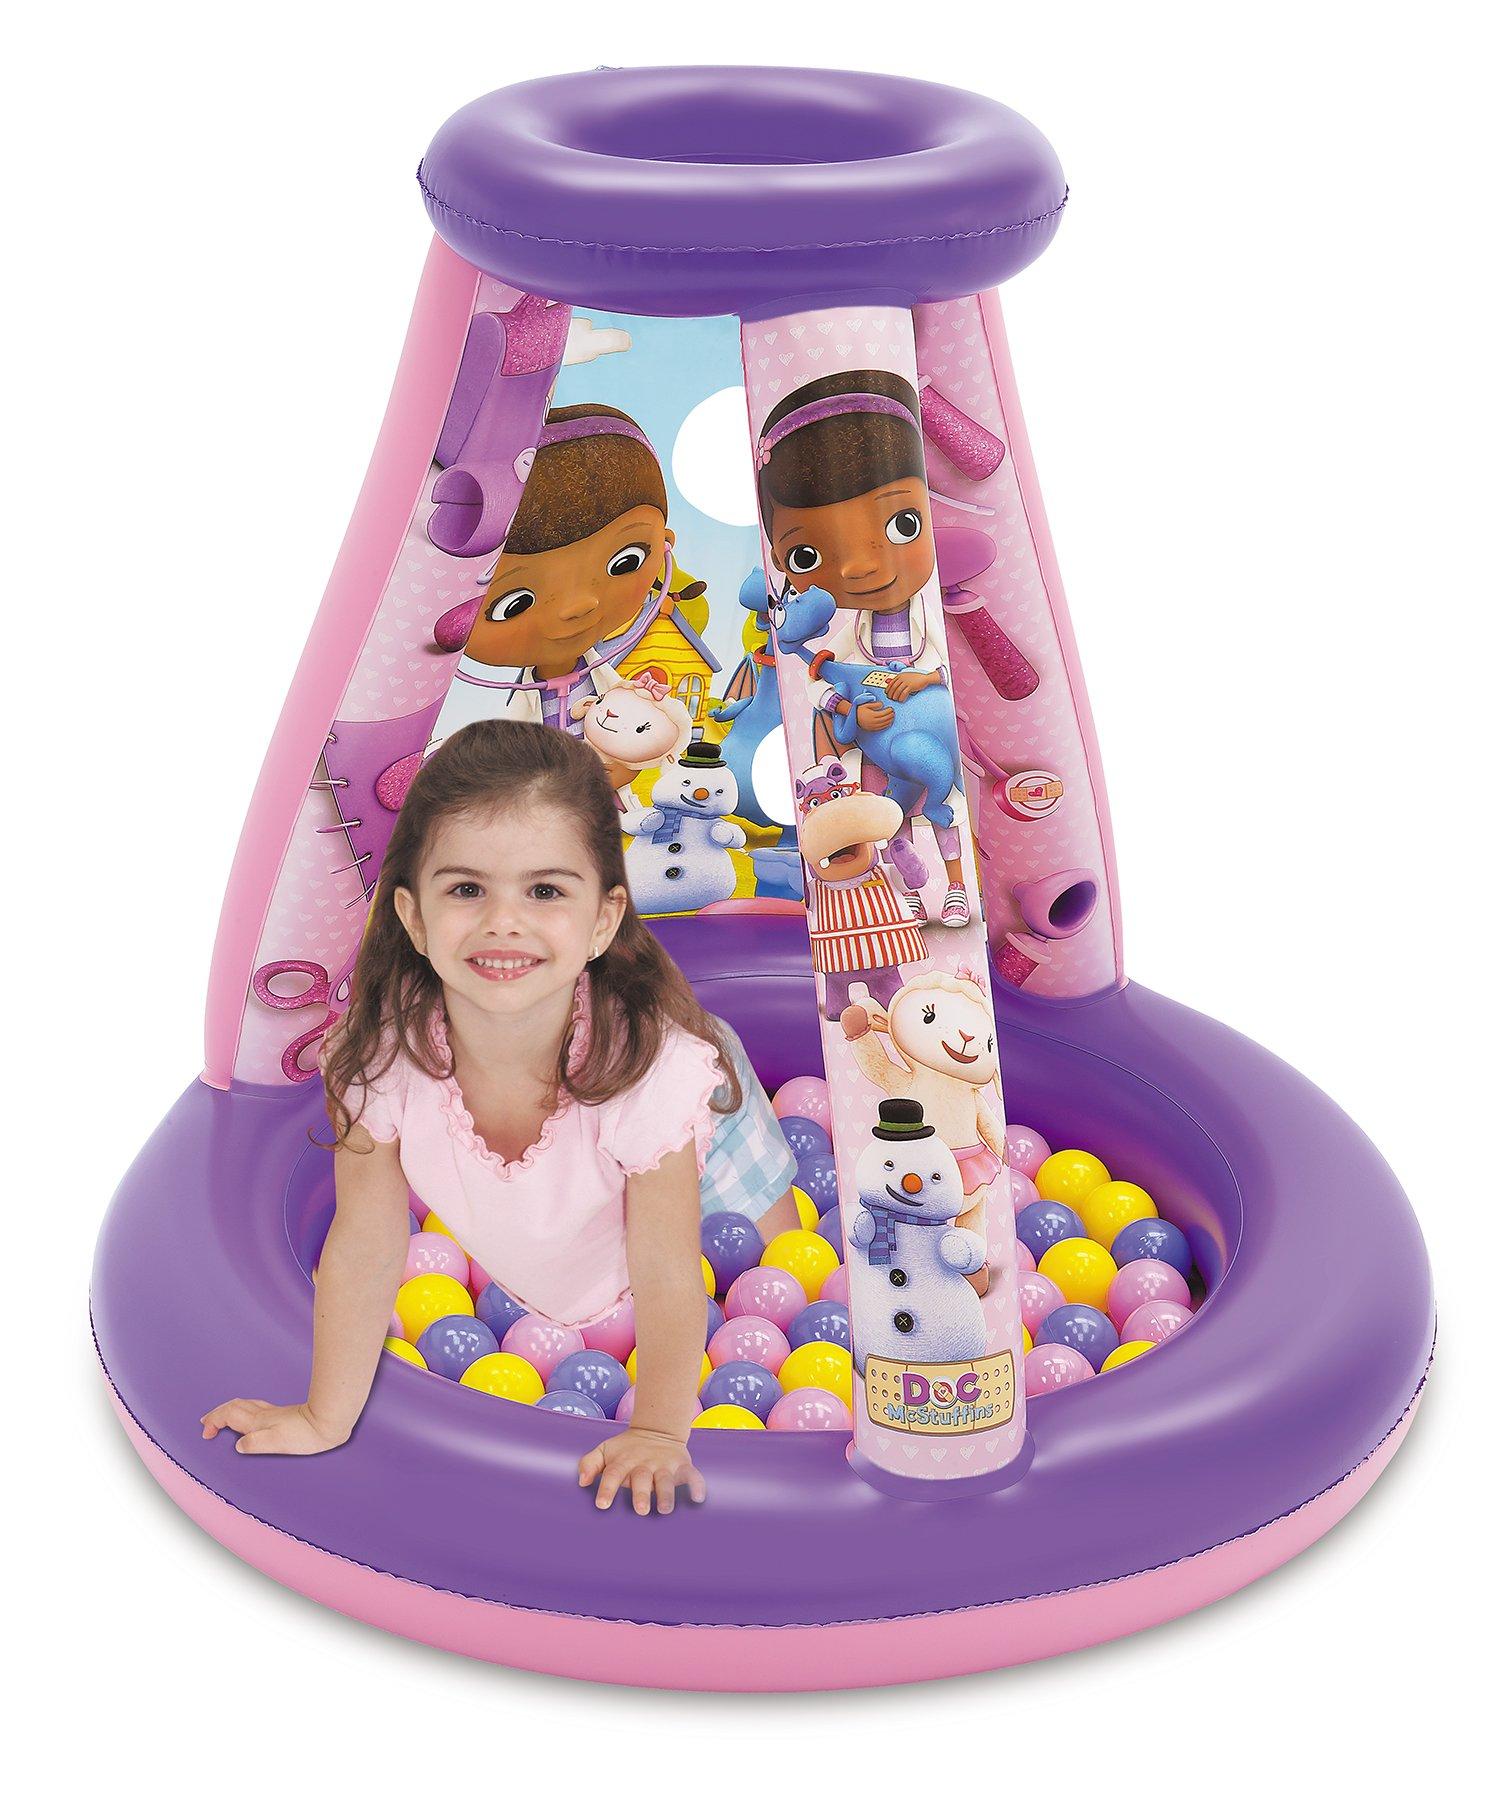 Doc McStuffins Friendship is The Best Medicine Ball Pit, 1 Inflatable & 15 Sof-Flex Balls, Purple/Pink, 28'' W x 28'' D x 33'' H by Doc McStuffins (Image #2)